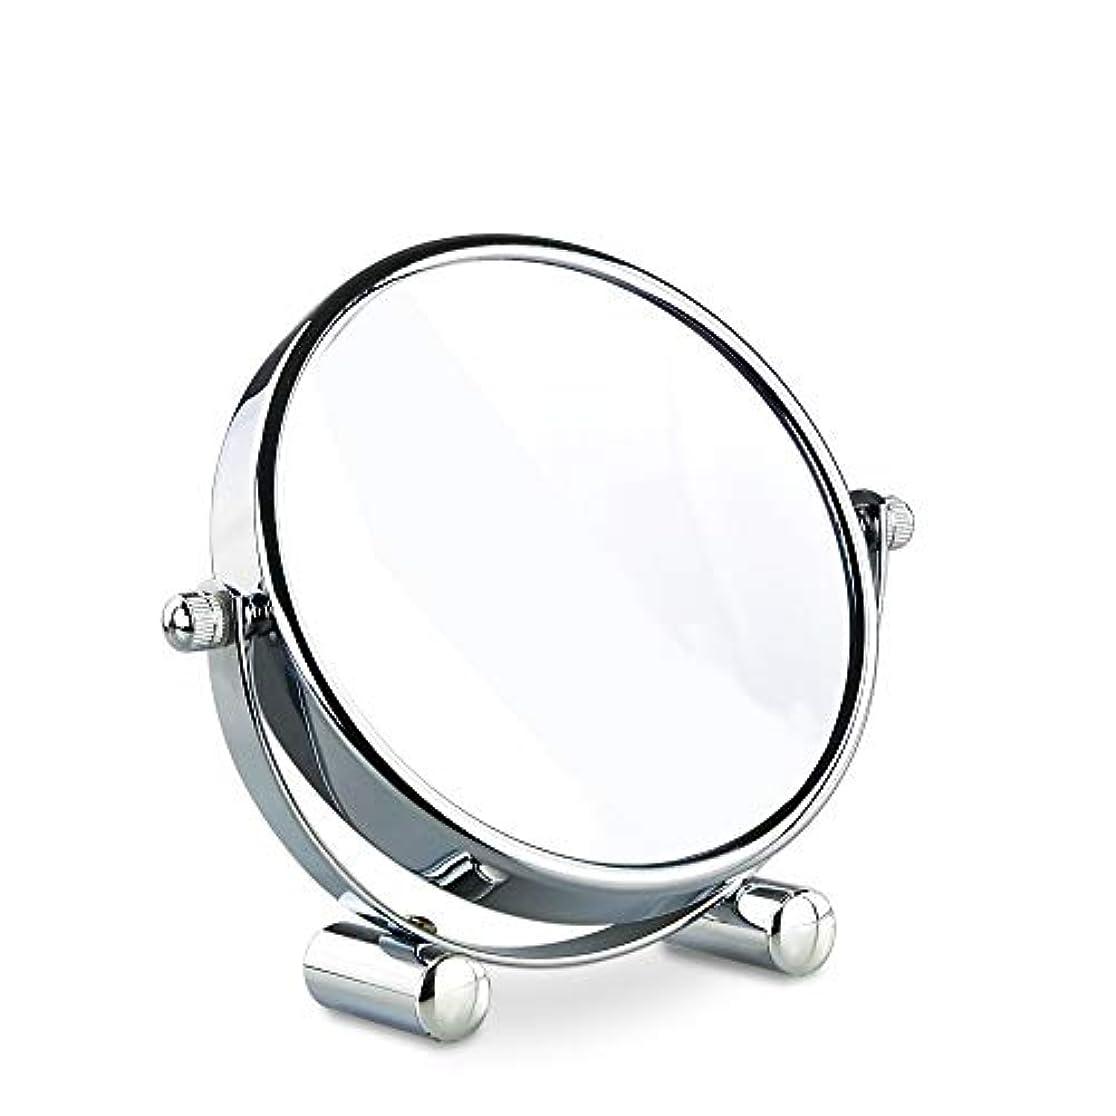 限りなくモード生き残り洗面化粧台ミラー 5インチ両面拡大鏡バスルームミラーミラー寝室用3-5-7-10倍拡大デスクトップ化粧品バスルームミラー360度回転回転スタンド付き 化粧鏡 (Edition : Reverse 7 times)